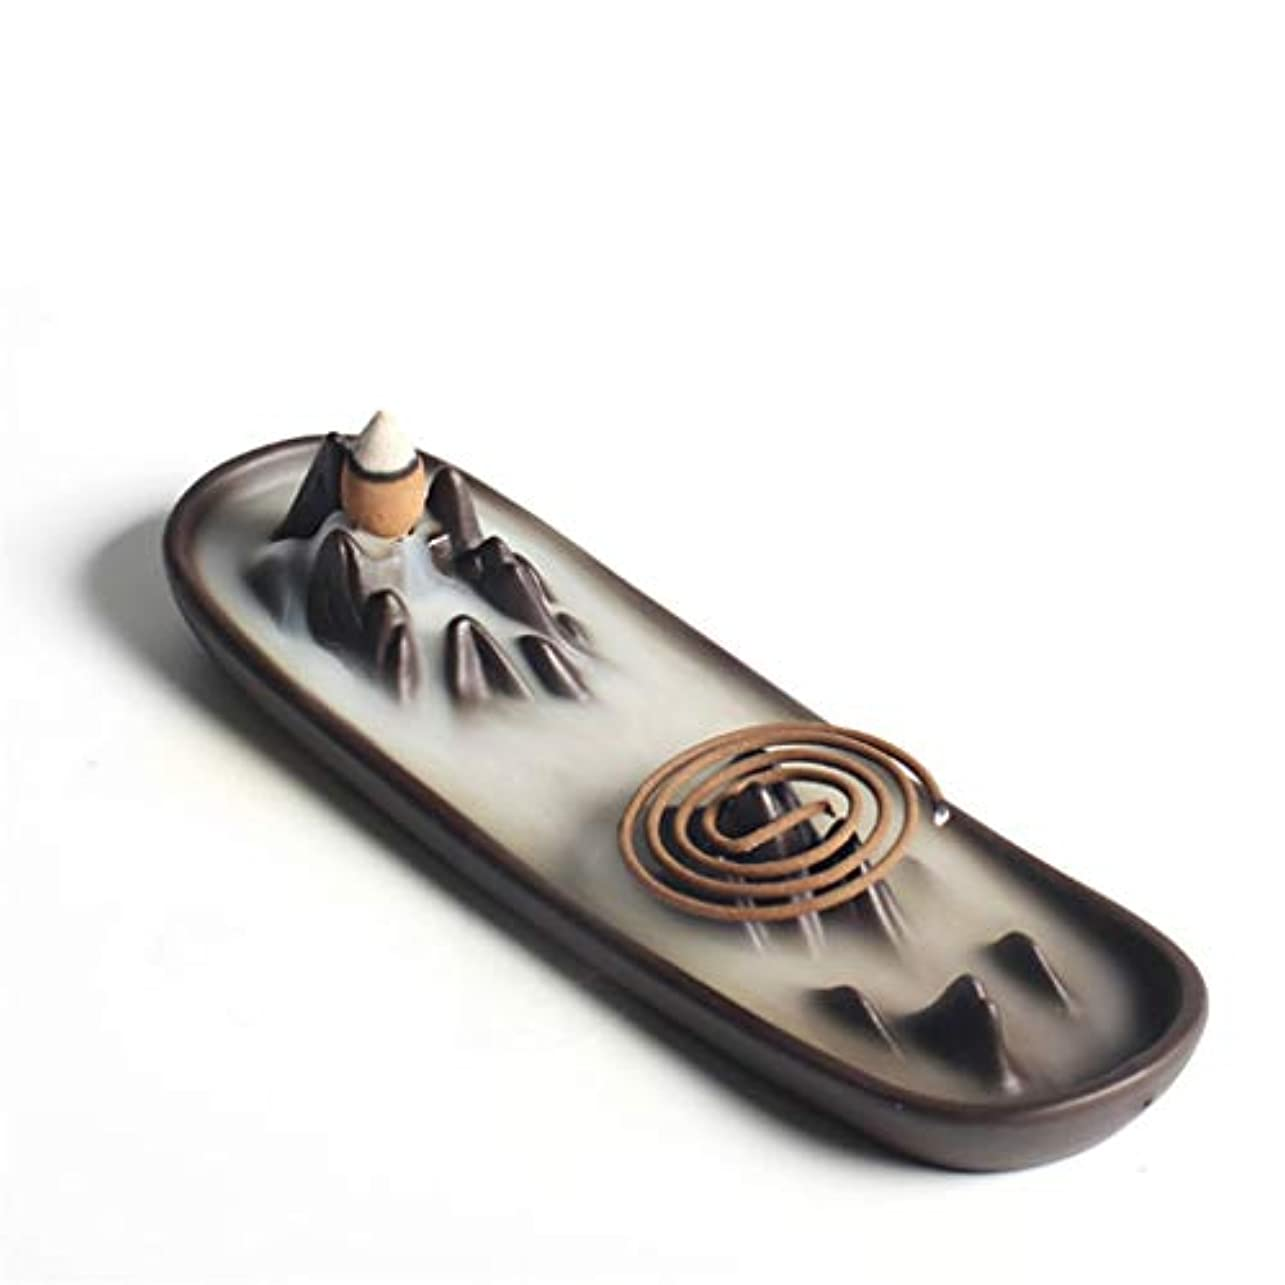 尽きる迷路ランチホームアロマバーナー 逆流香バーナー家の装飾セラミックアロマセラピー仏教の滝香炉香コイルスティックホルダー 芳香器アロマバーナー (Color : A)